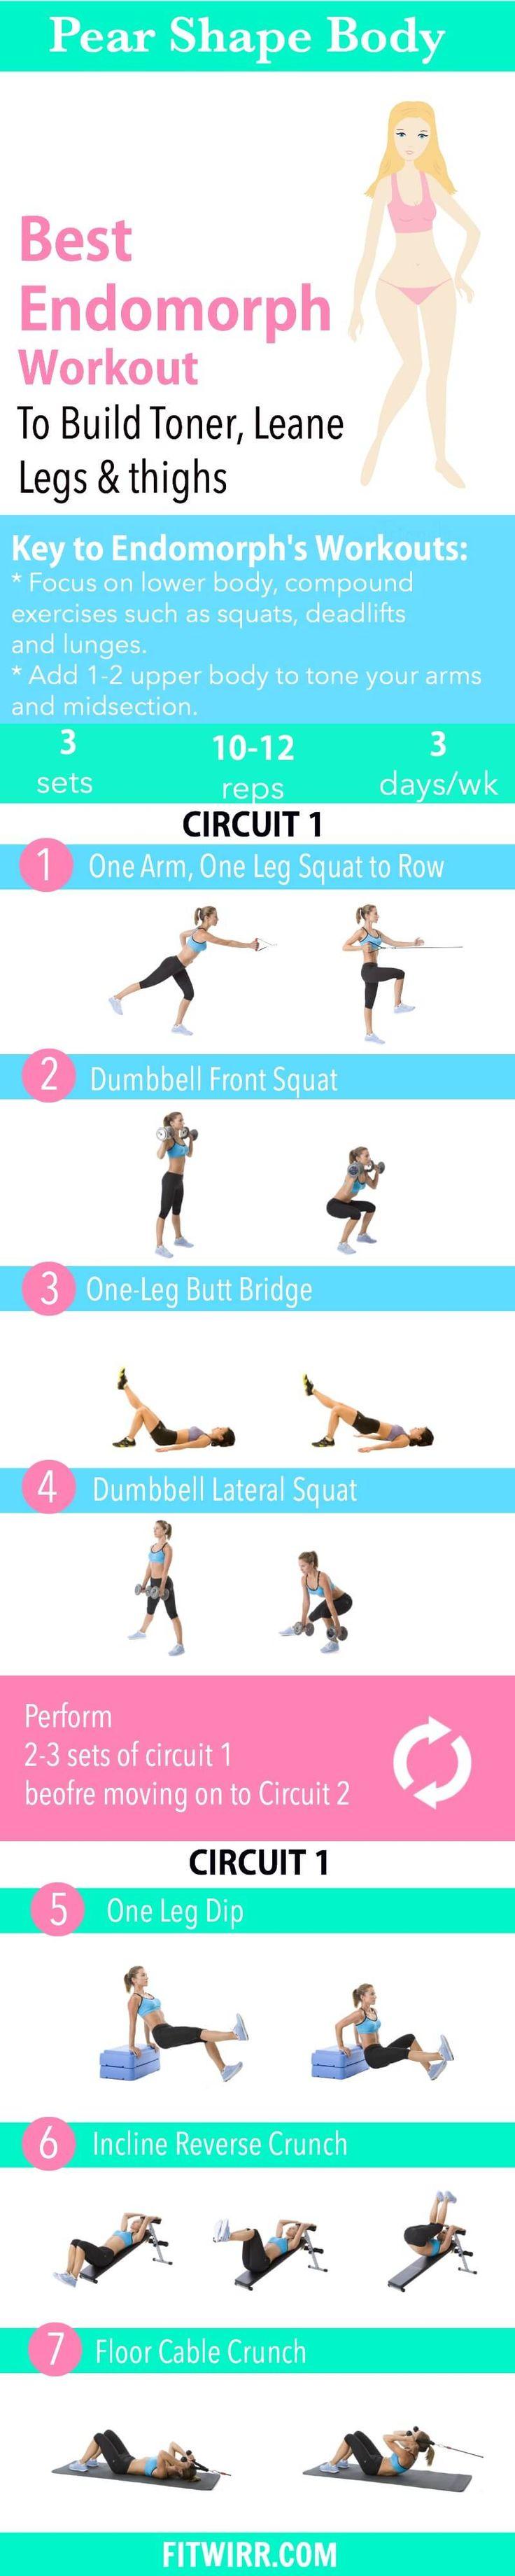 Pear Shaped Body Endomorph Workout Plan